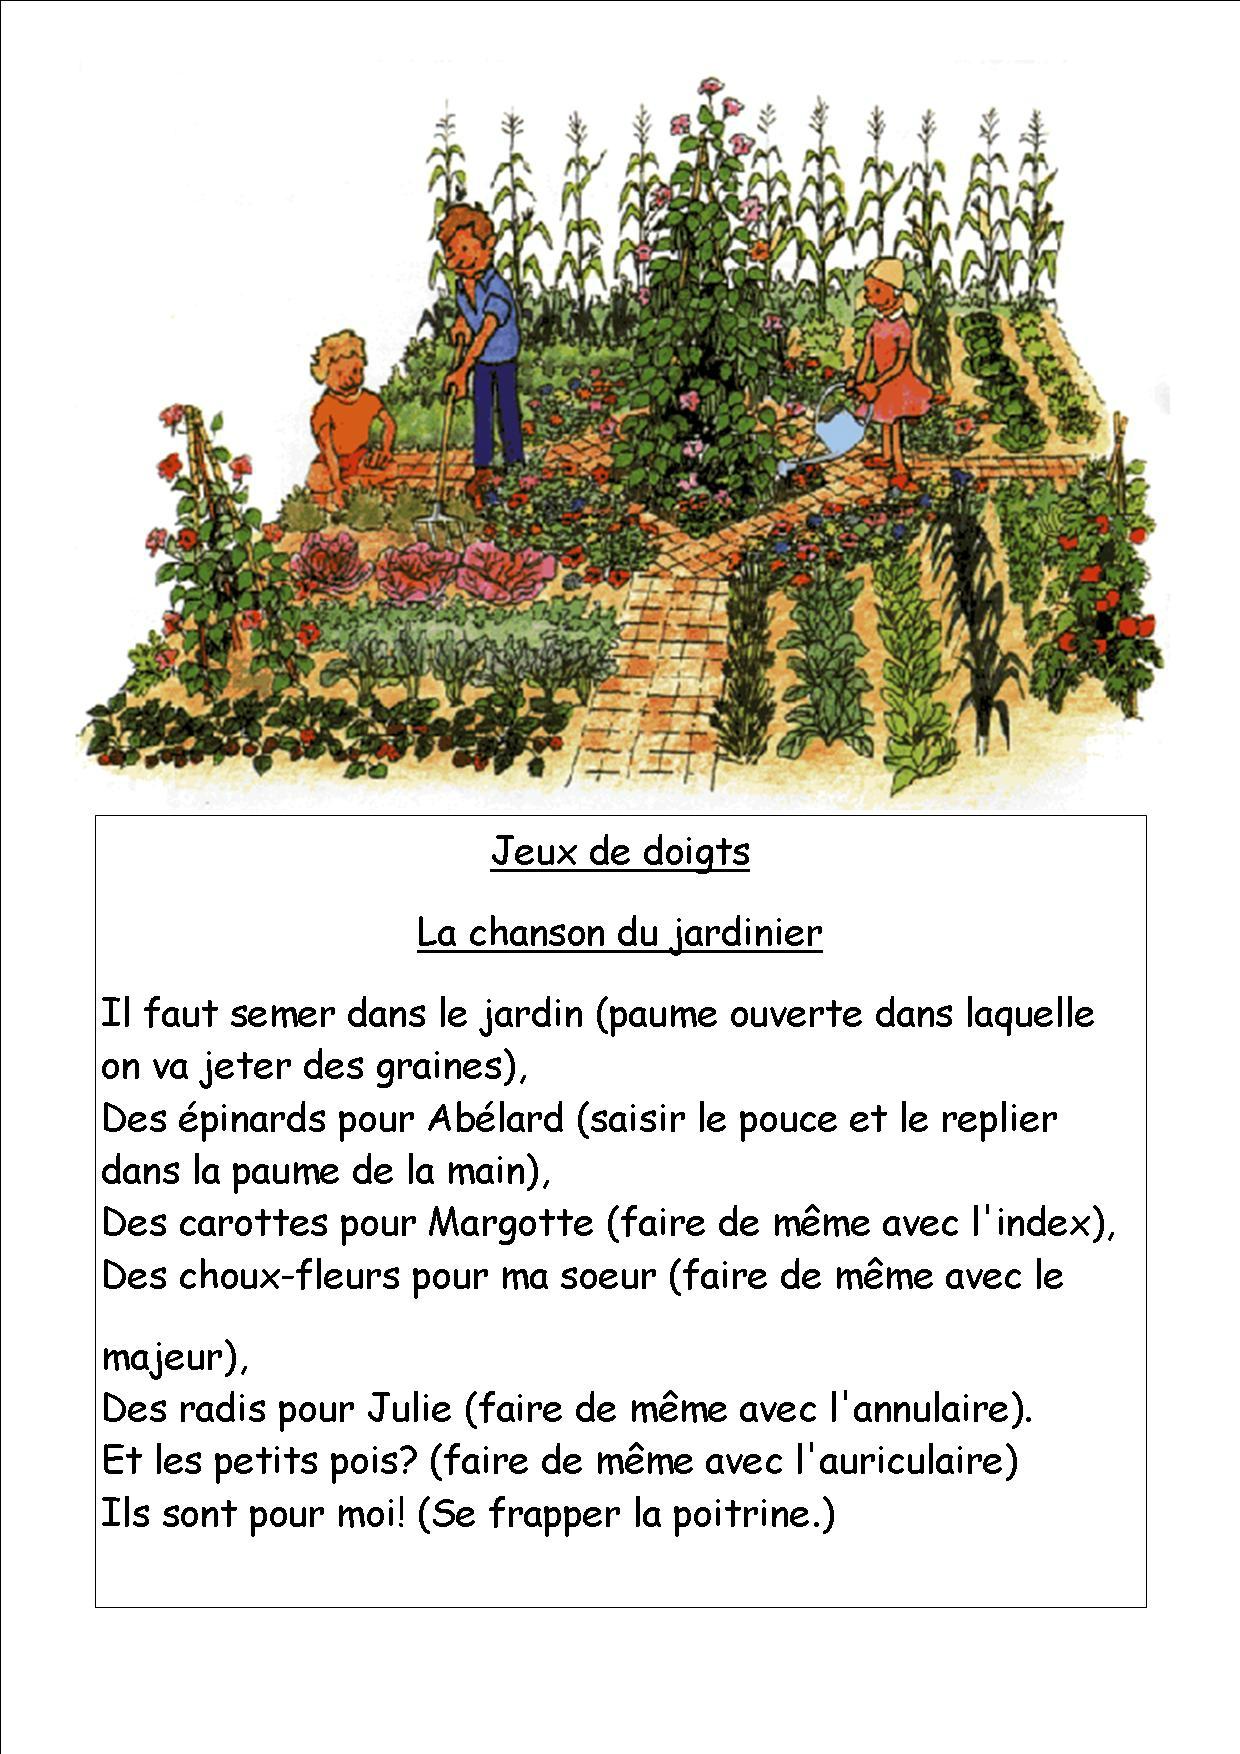 Des Poésies : Le Jardin, Des Fleurs Et Des Légumes - La encequiconcerne Chanson Sur Les Fruits Et Légumes